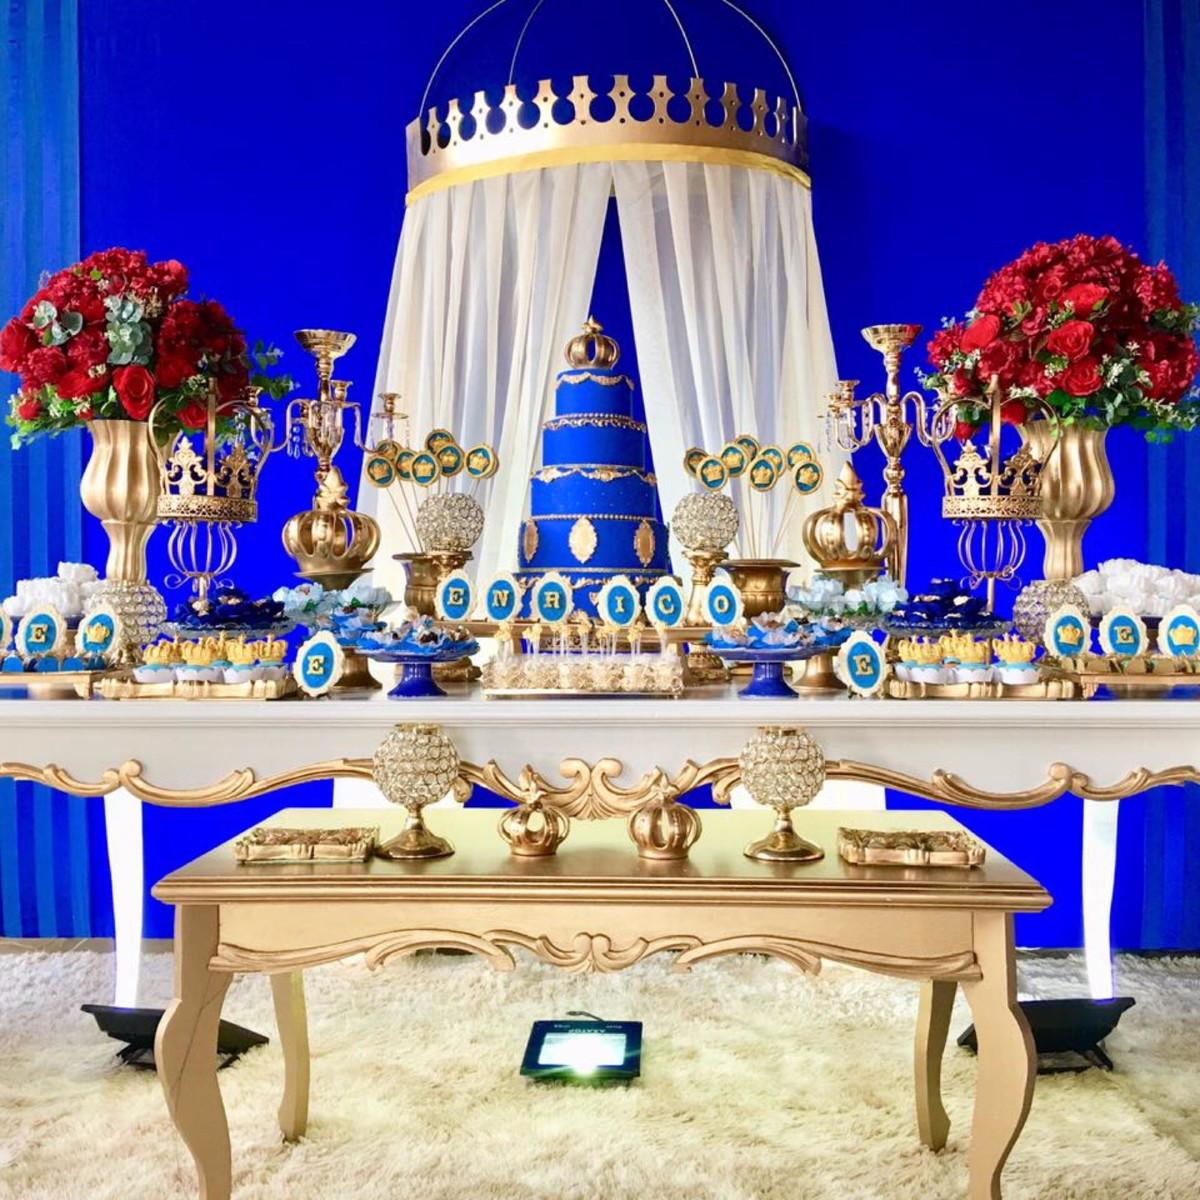 Festa Príncipe Realeza p Locaç u00e3o no Elo7 L M Decora Festas (CE4194) # Decoração De Festa Infantil Realeza